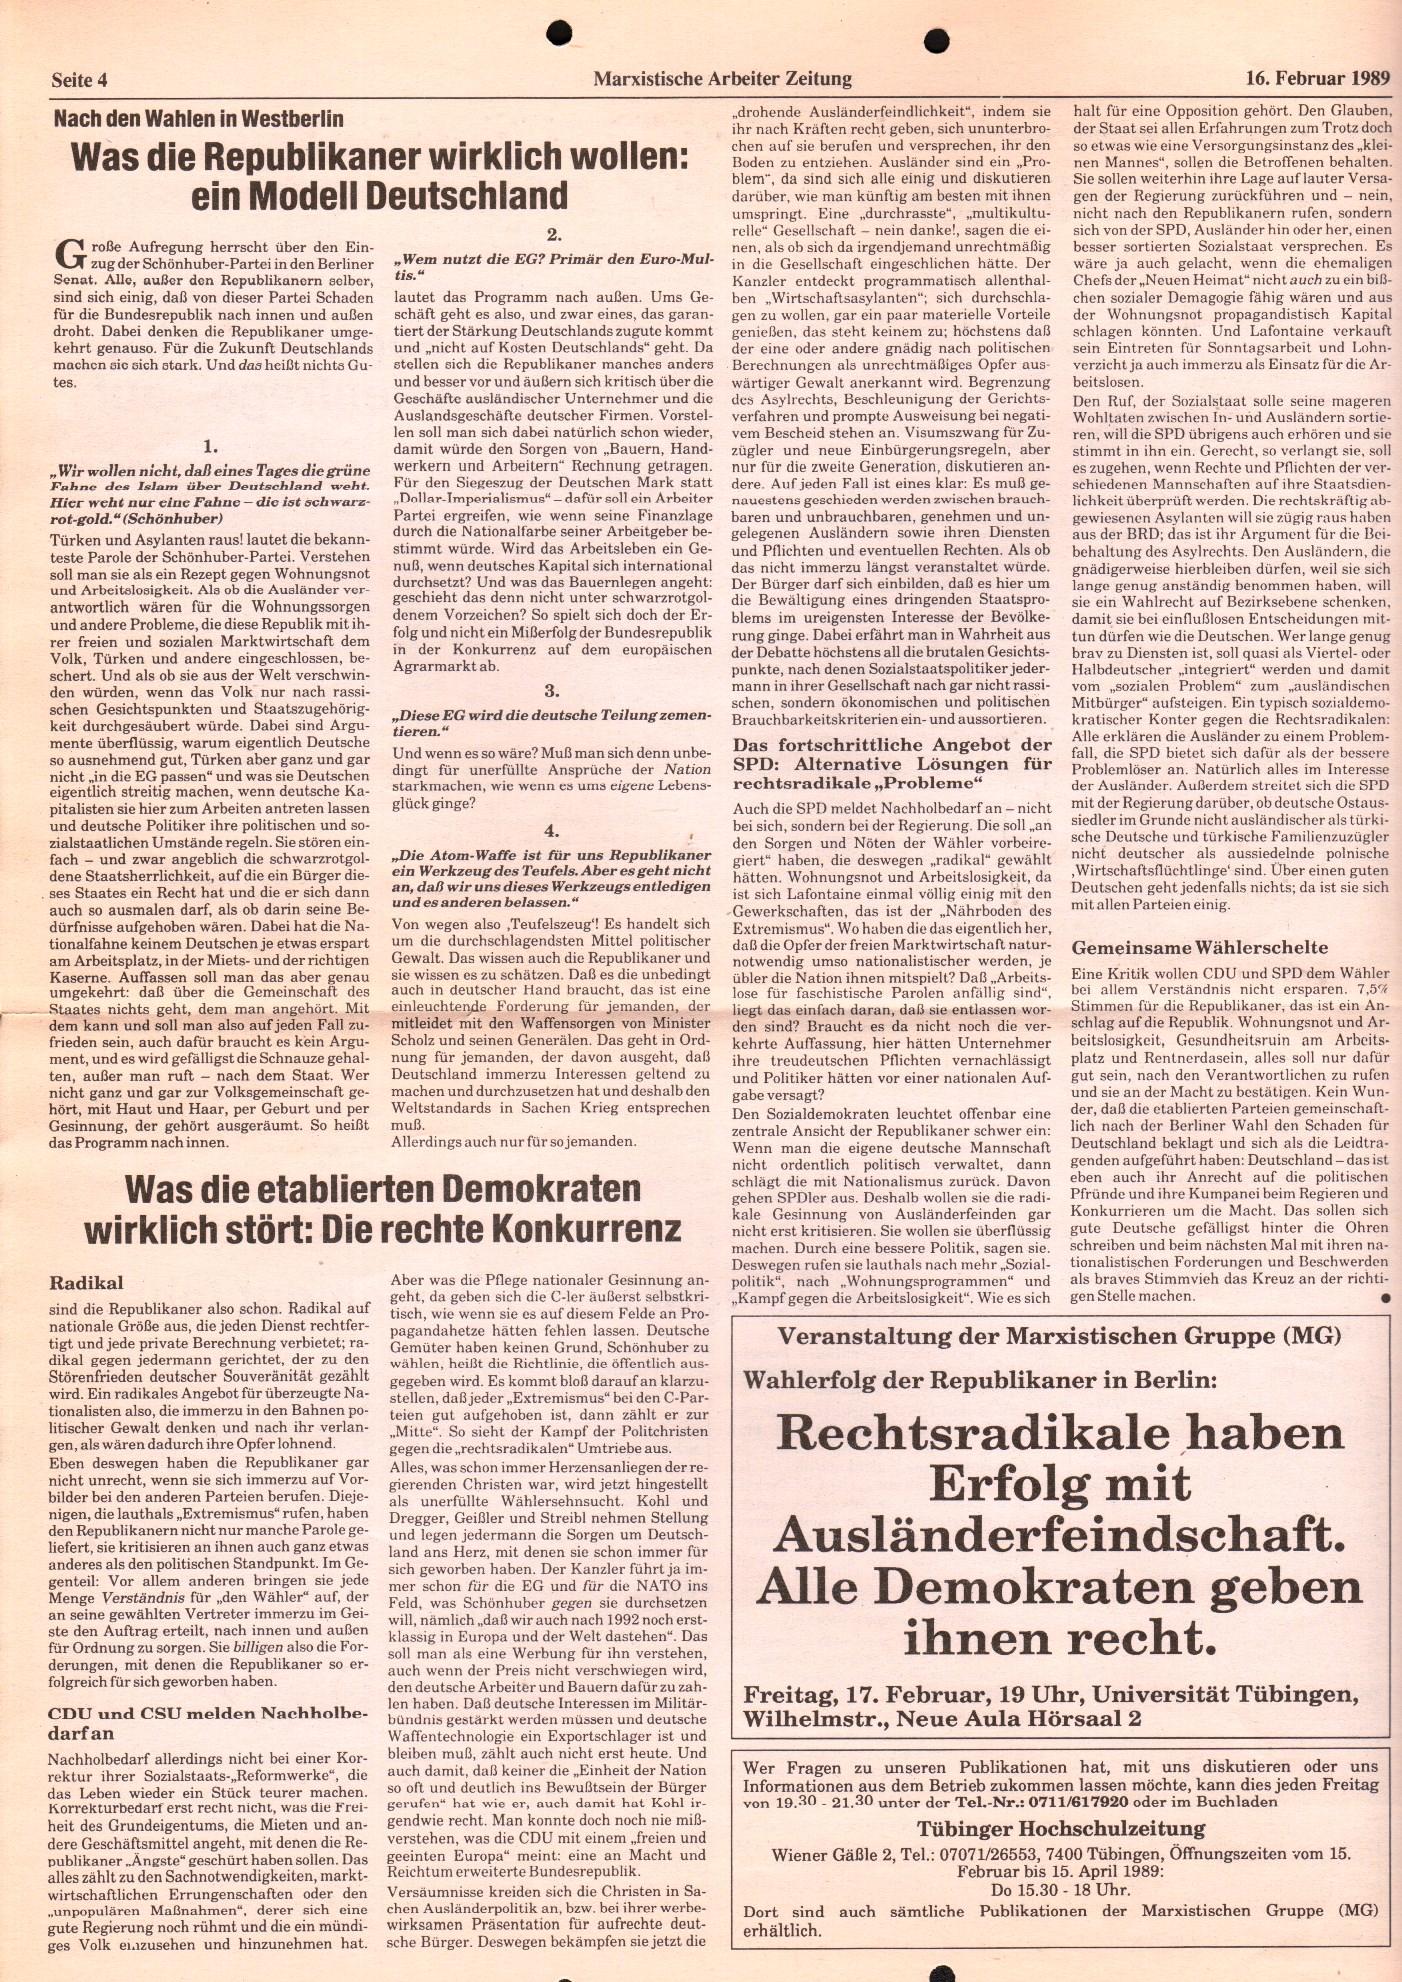 BW_MG_Marxistische_Arbeiterzeitung_19890216_04